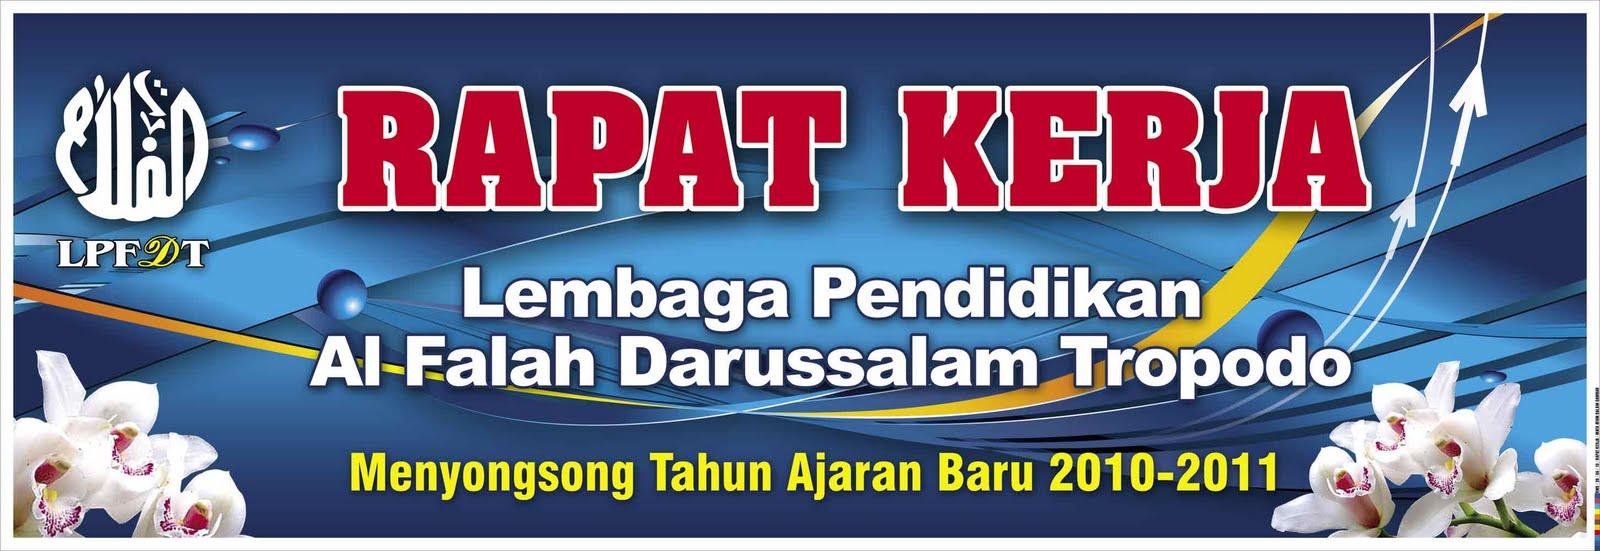 ... Project Produksi Digital Printing Berupa Spanduk Vinil Download